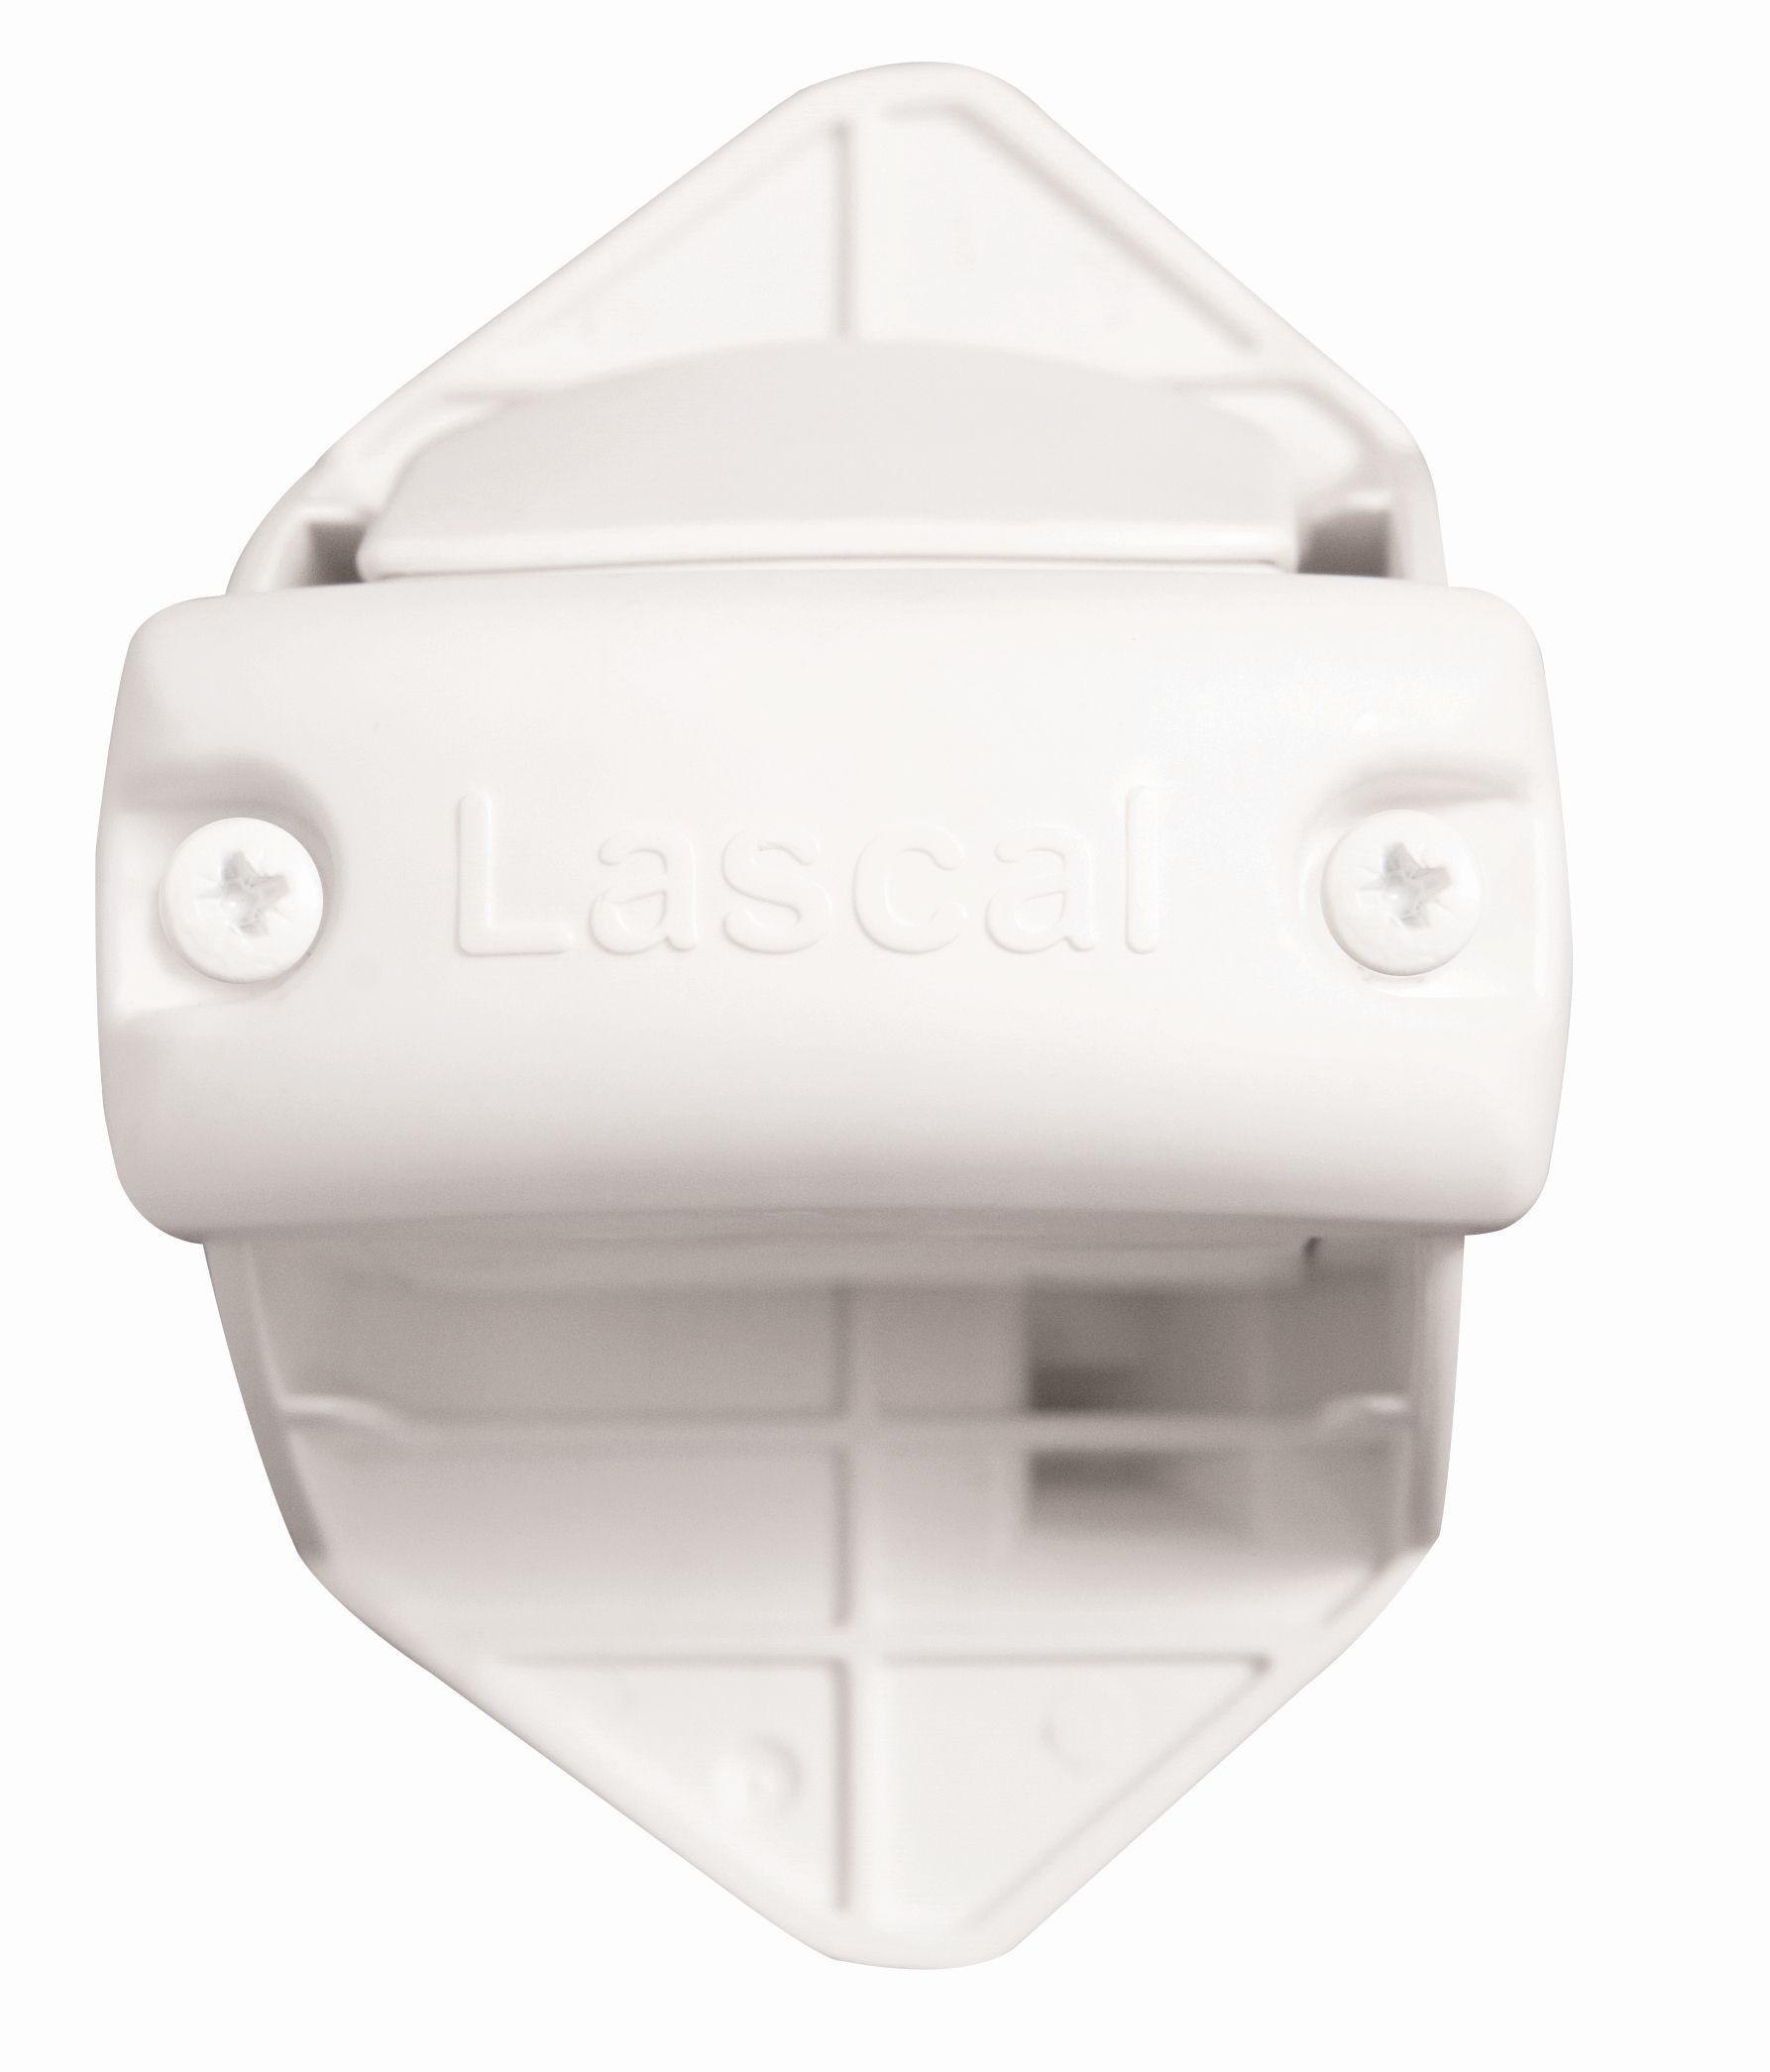 Lascal KiddyGuard Rohrhalterungen Schliessleiste 3erSet weiß